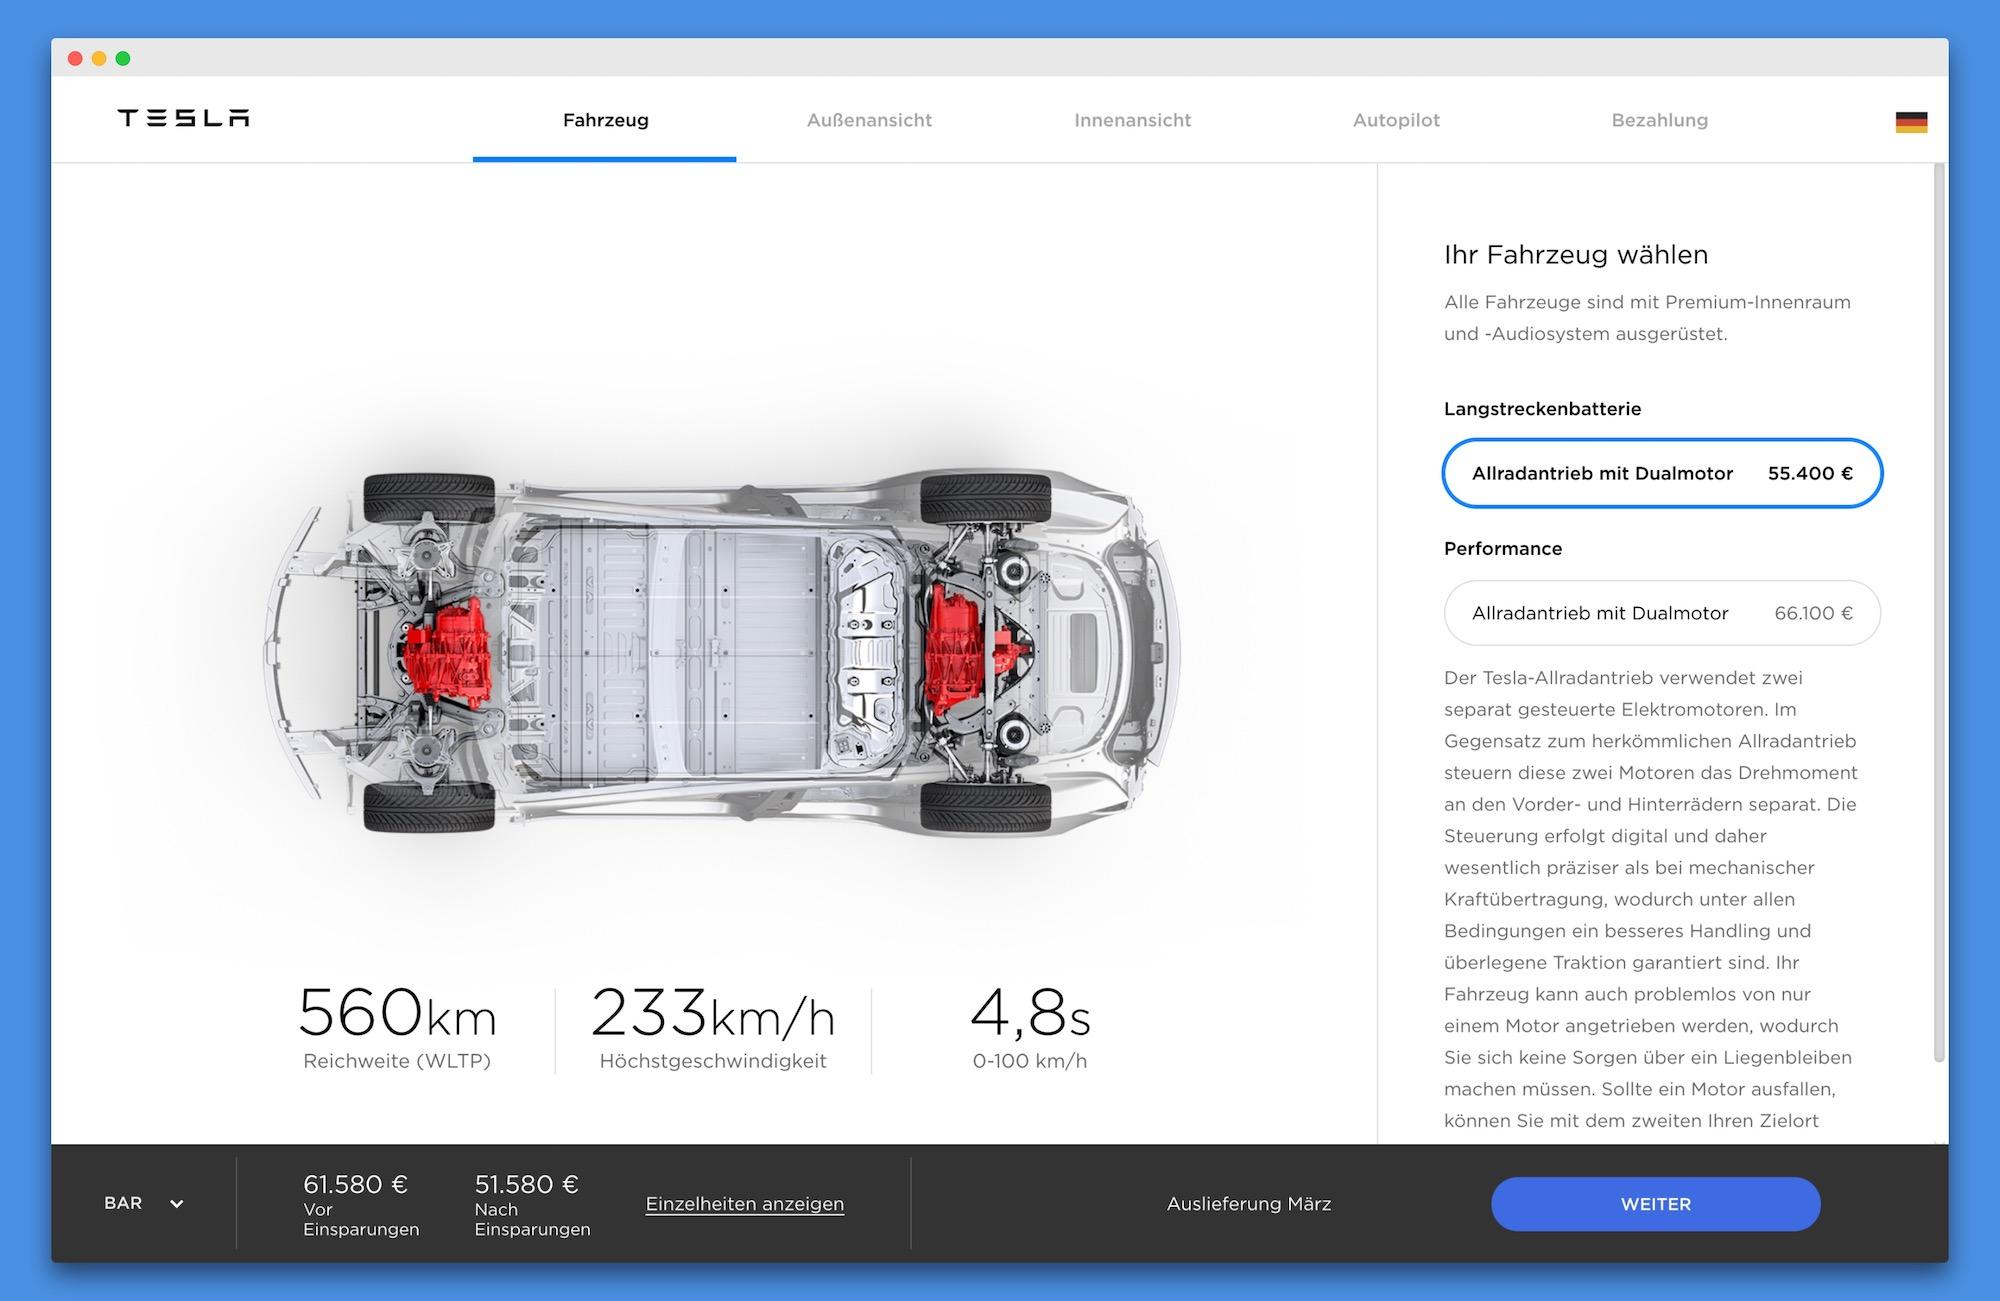 Objednávka Tesla Model 3 v Německu